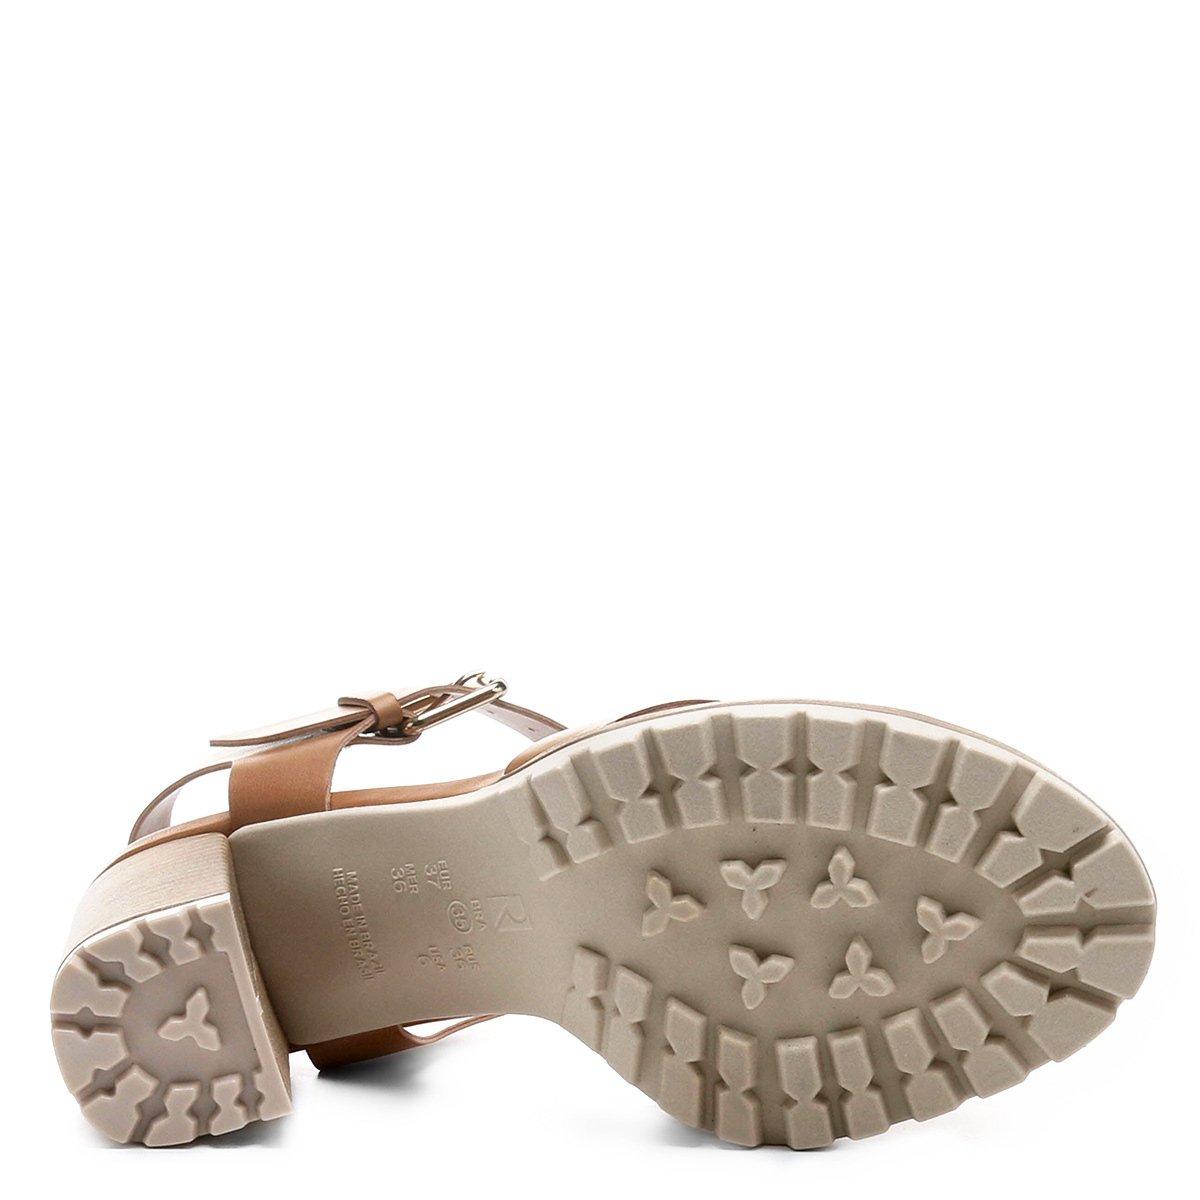 Me exibindo com sandalia alta de salto cristal - 2 part 9